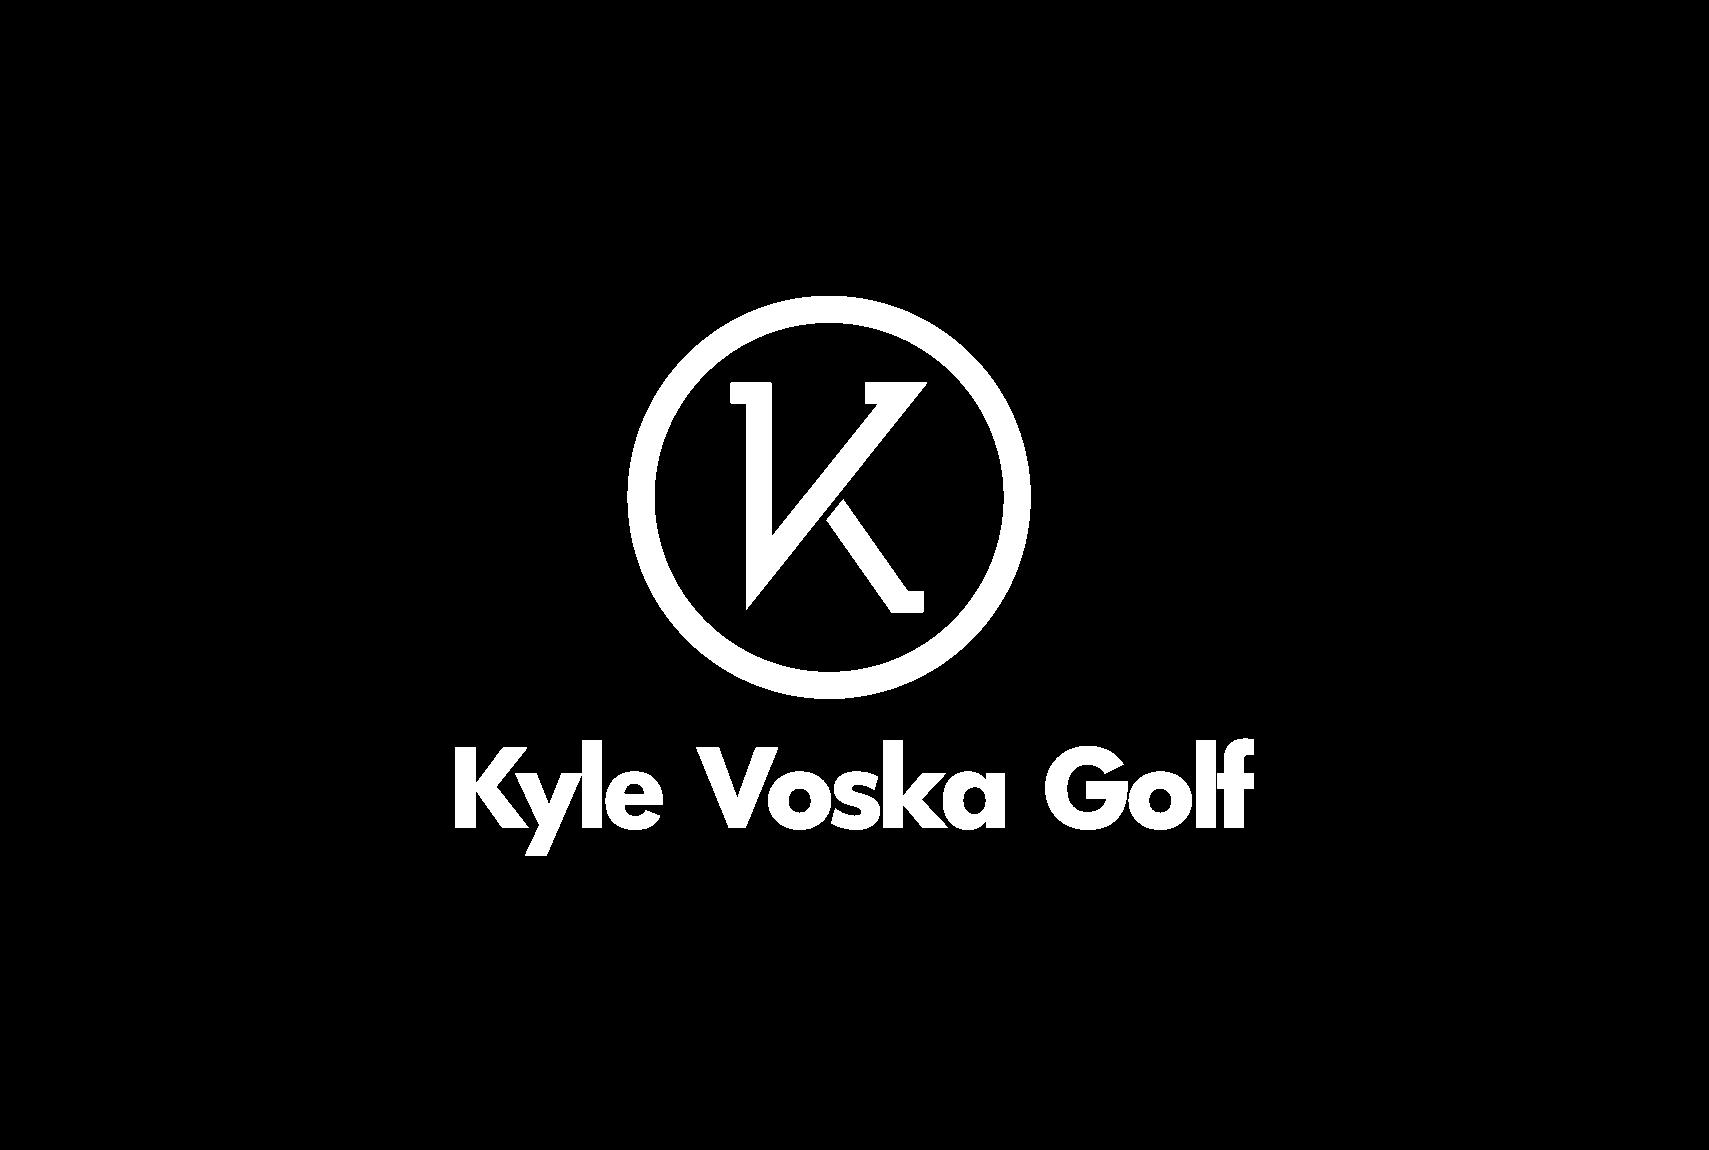 Kyle Voska Golf